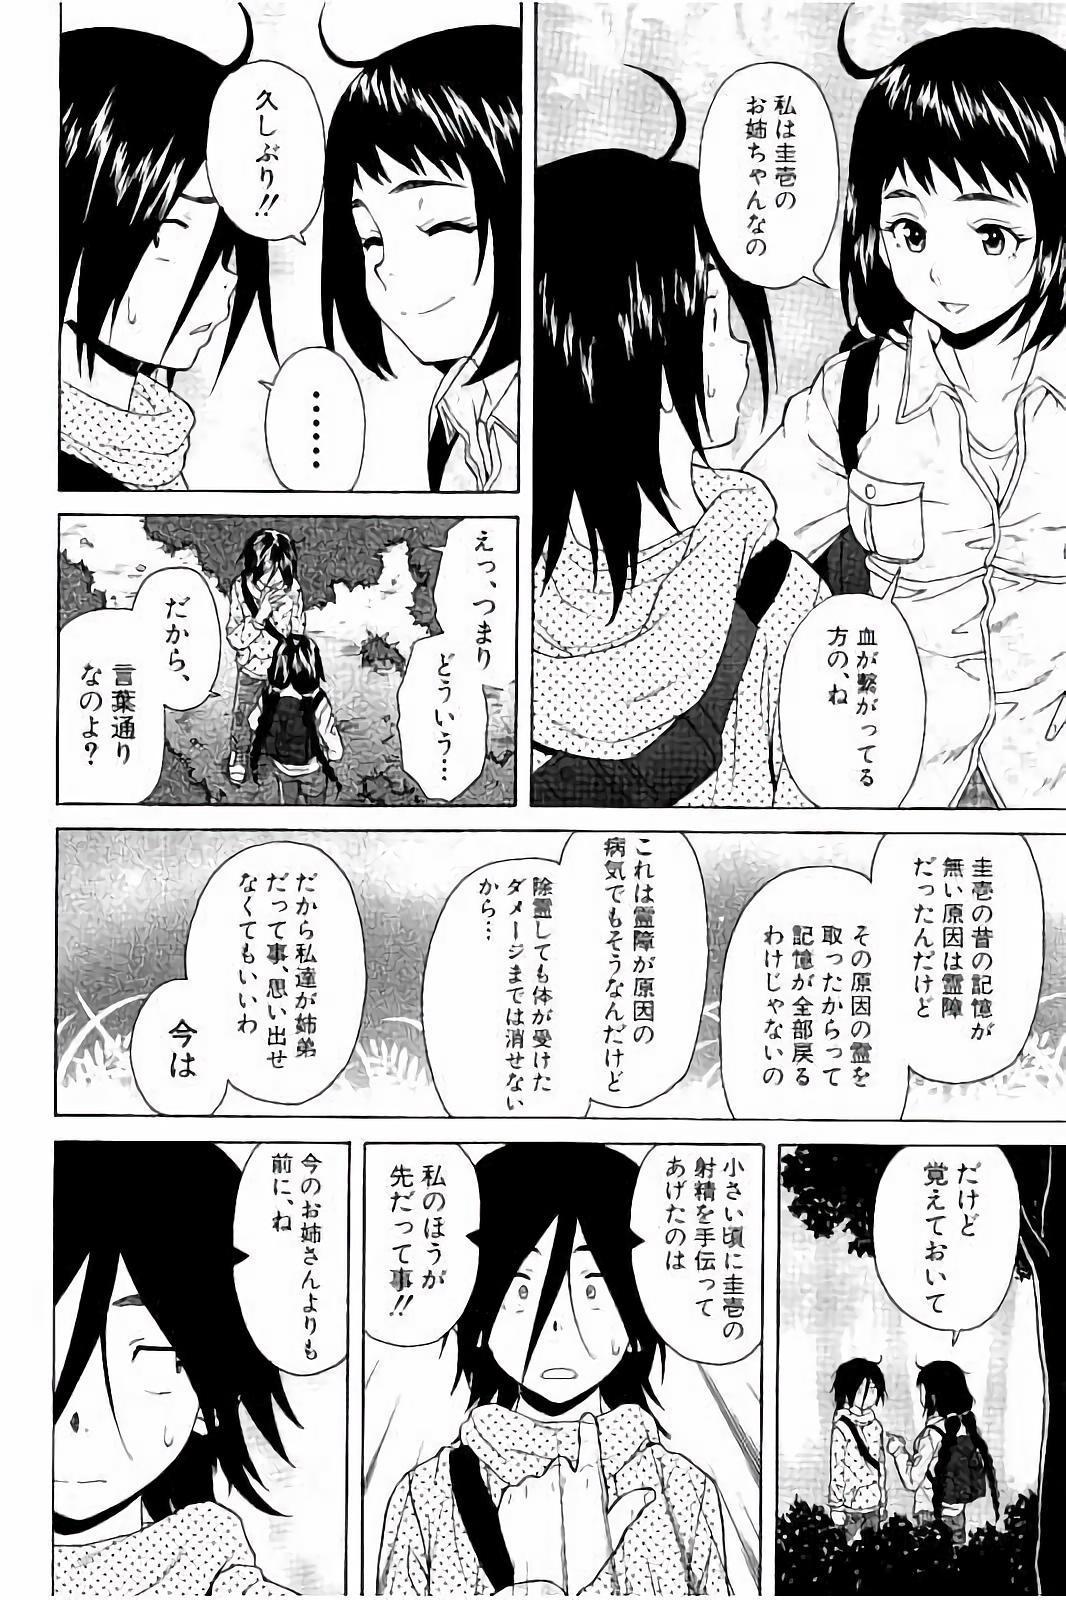 Ane no Himitsu To Boku no Jisatsu 97